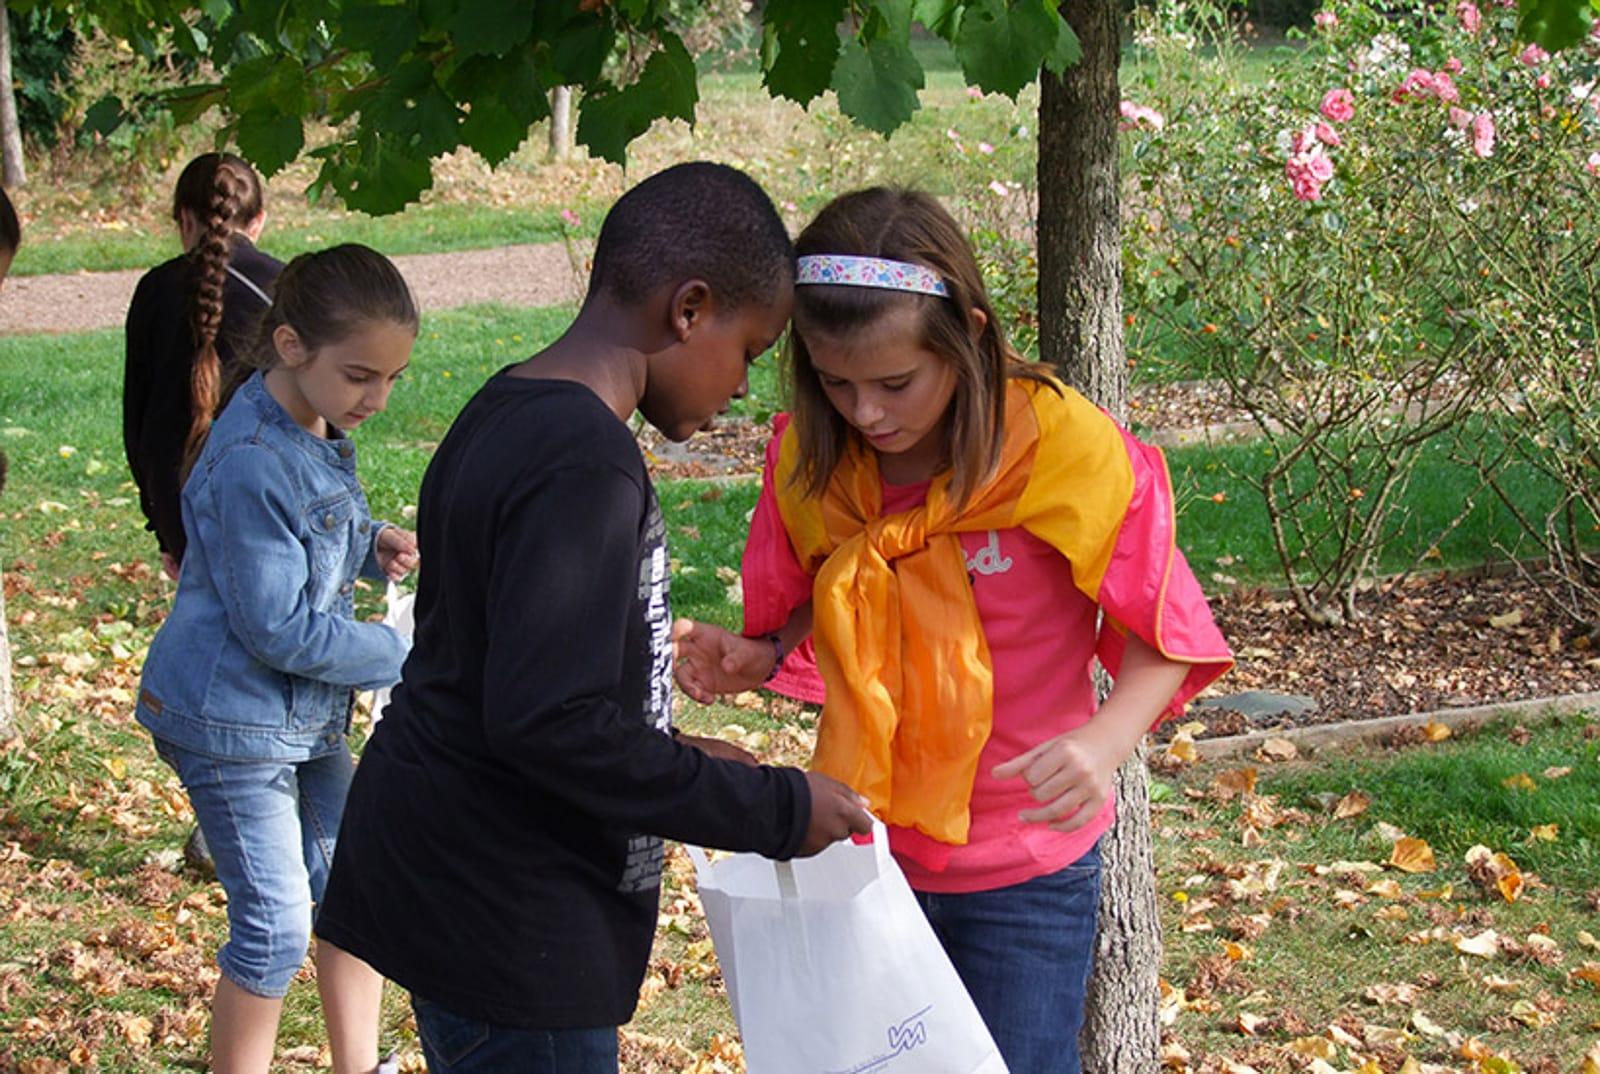 Ateliers Visite parc des lilas les enfants du patrimoine un jardn dans ma main CAUE 94®Hermeline carpentie